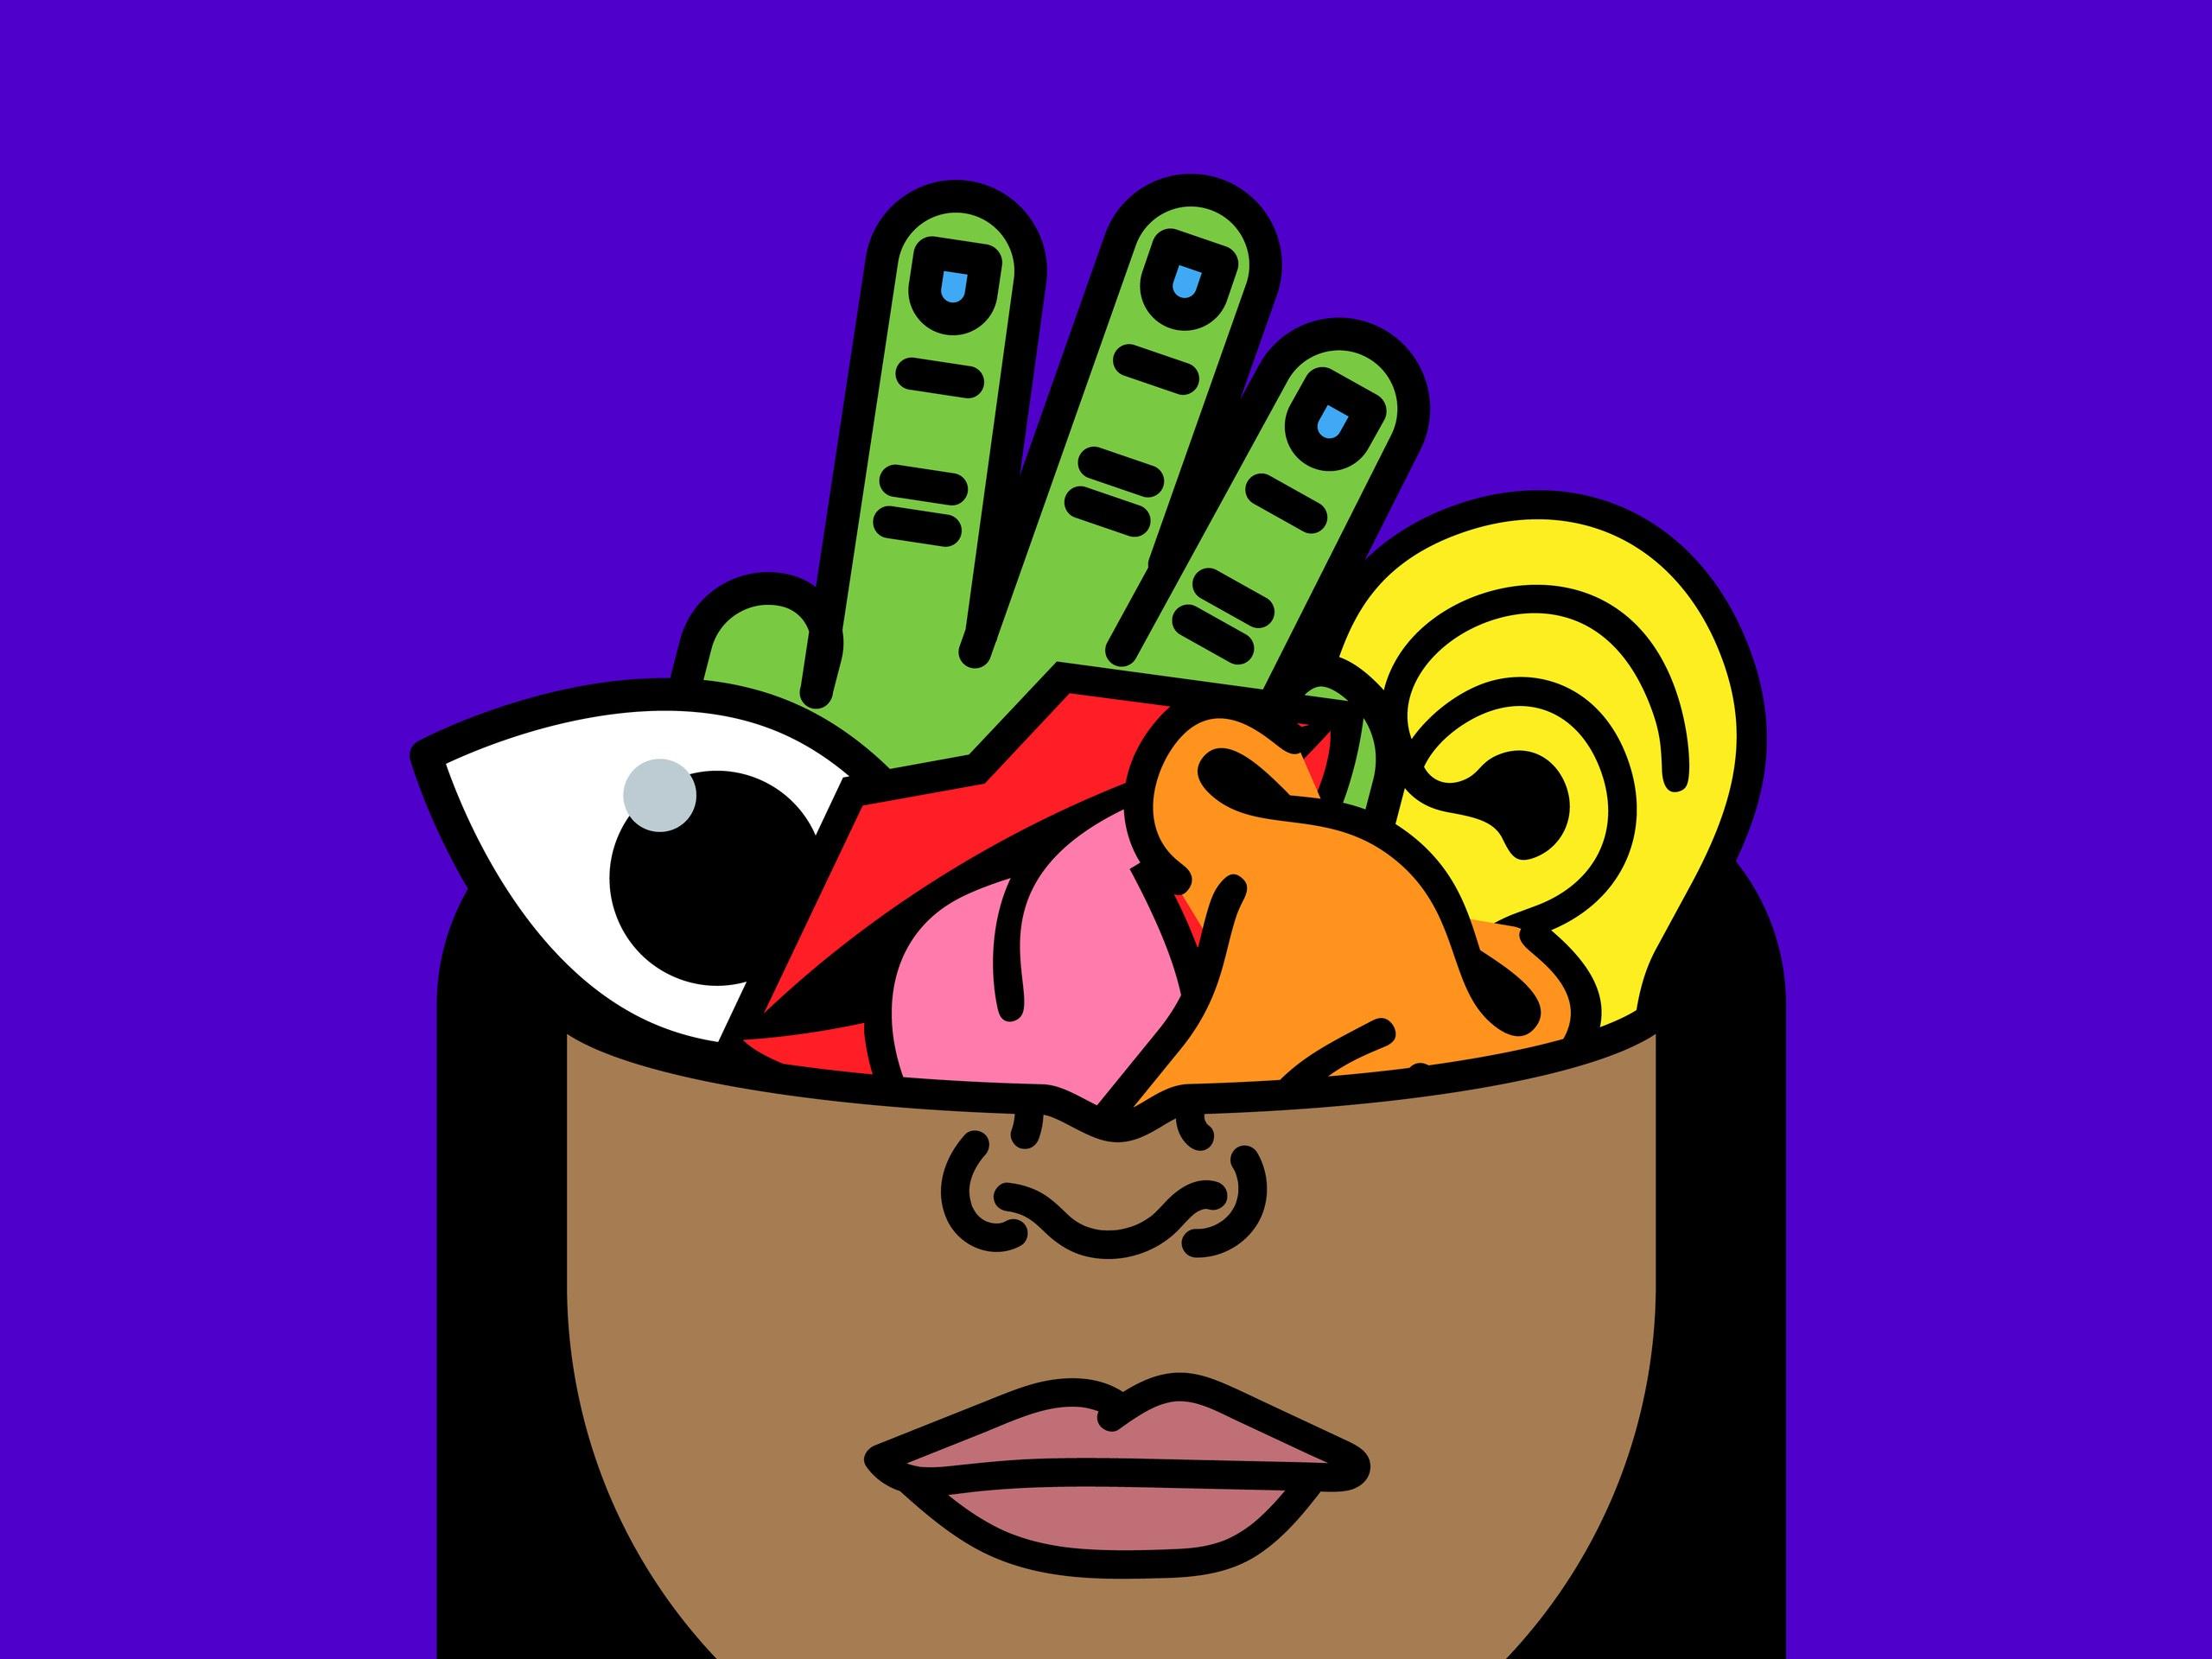 5 senses clipart sixth sense, 5 senses sixth sense.